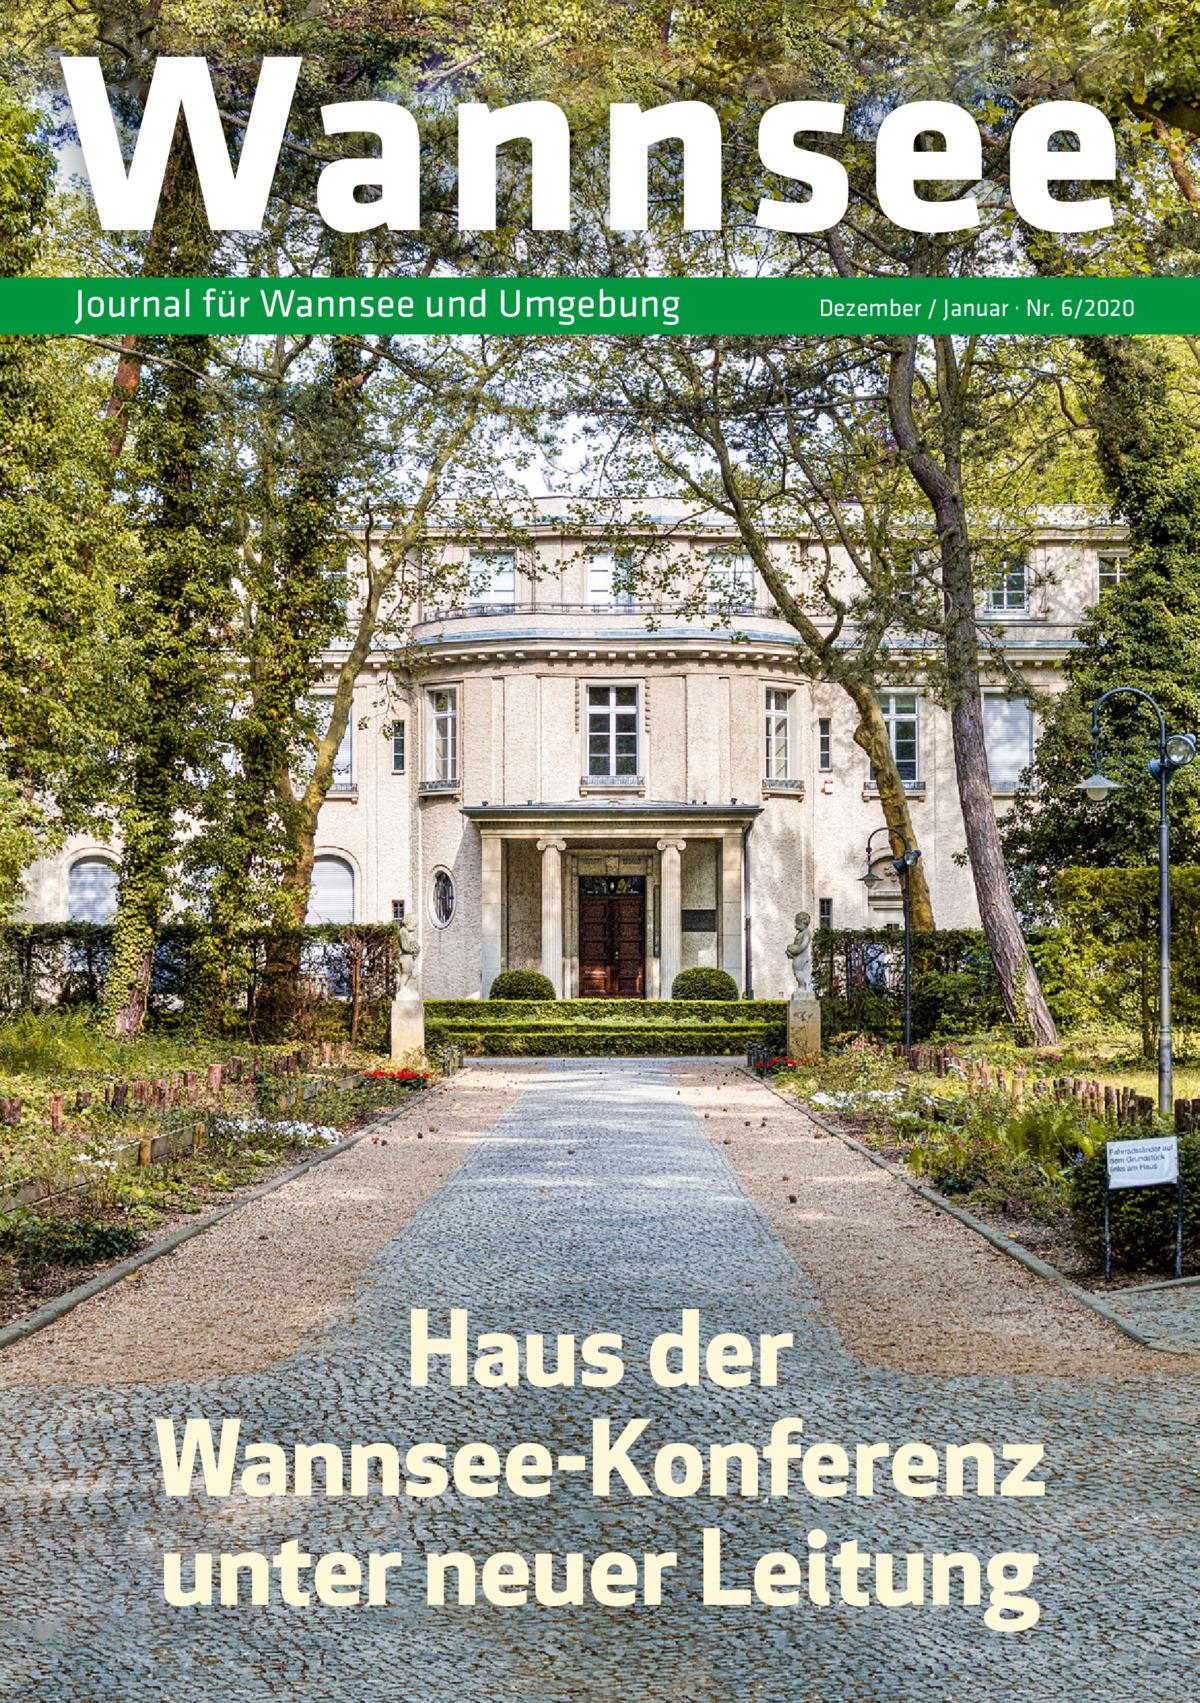 Wannsee Journal für Wannsee und Umgebung  Dezember / Januar · Nr. 6/2020  Haus der Wannsee-Konferenz unter neuer Leitung